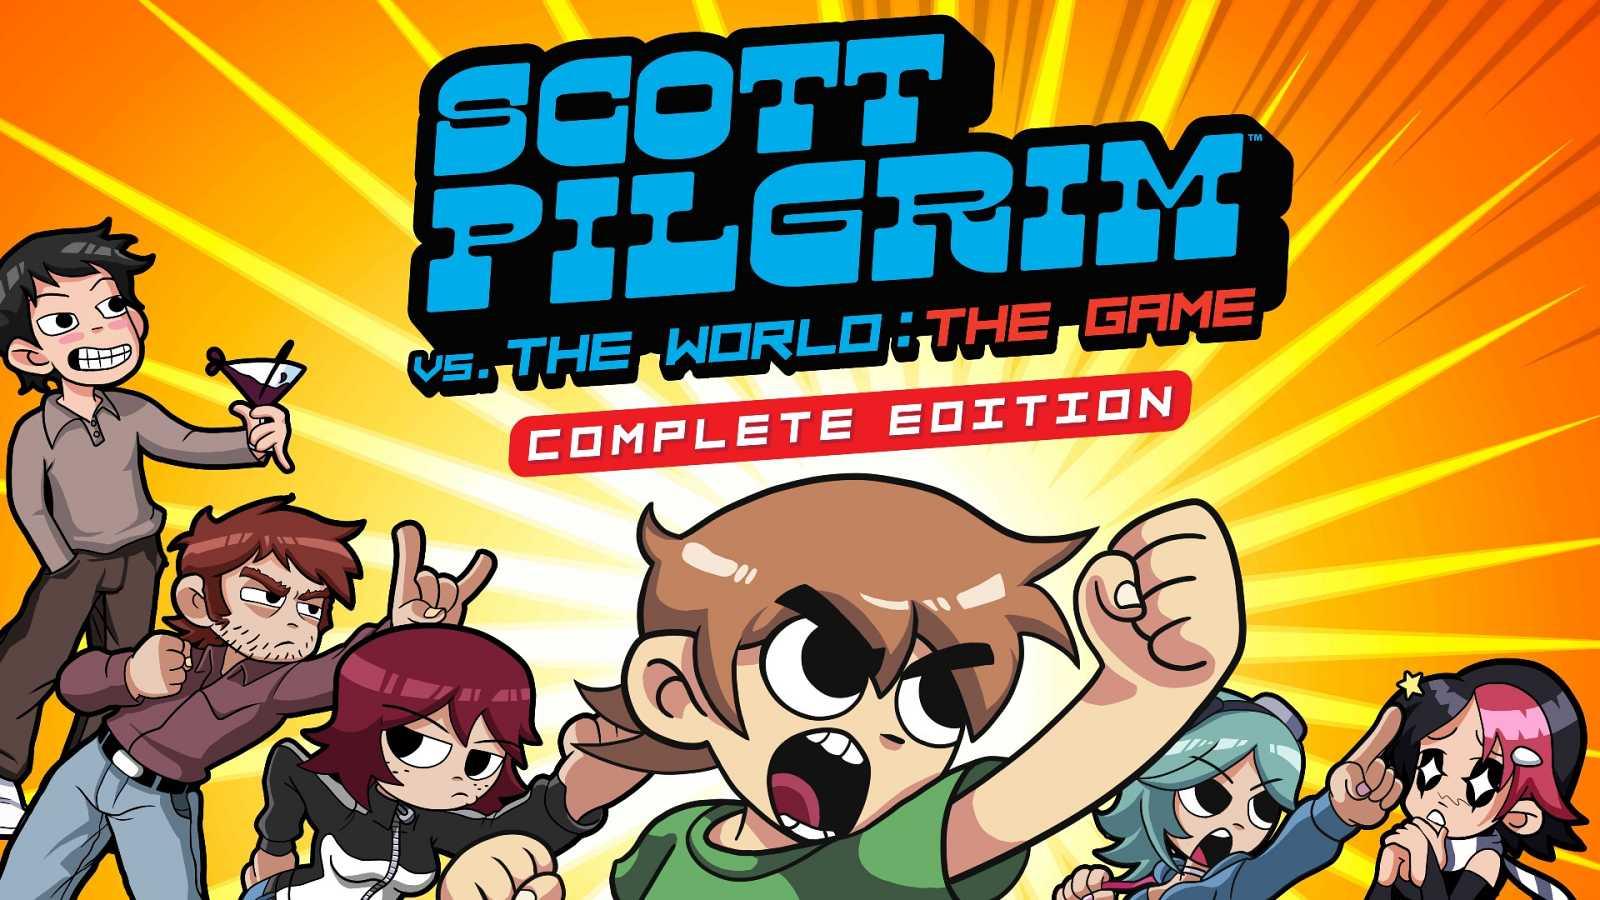 Scott Pilgrim vs The World (Tráiler)